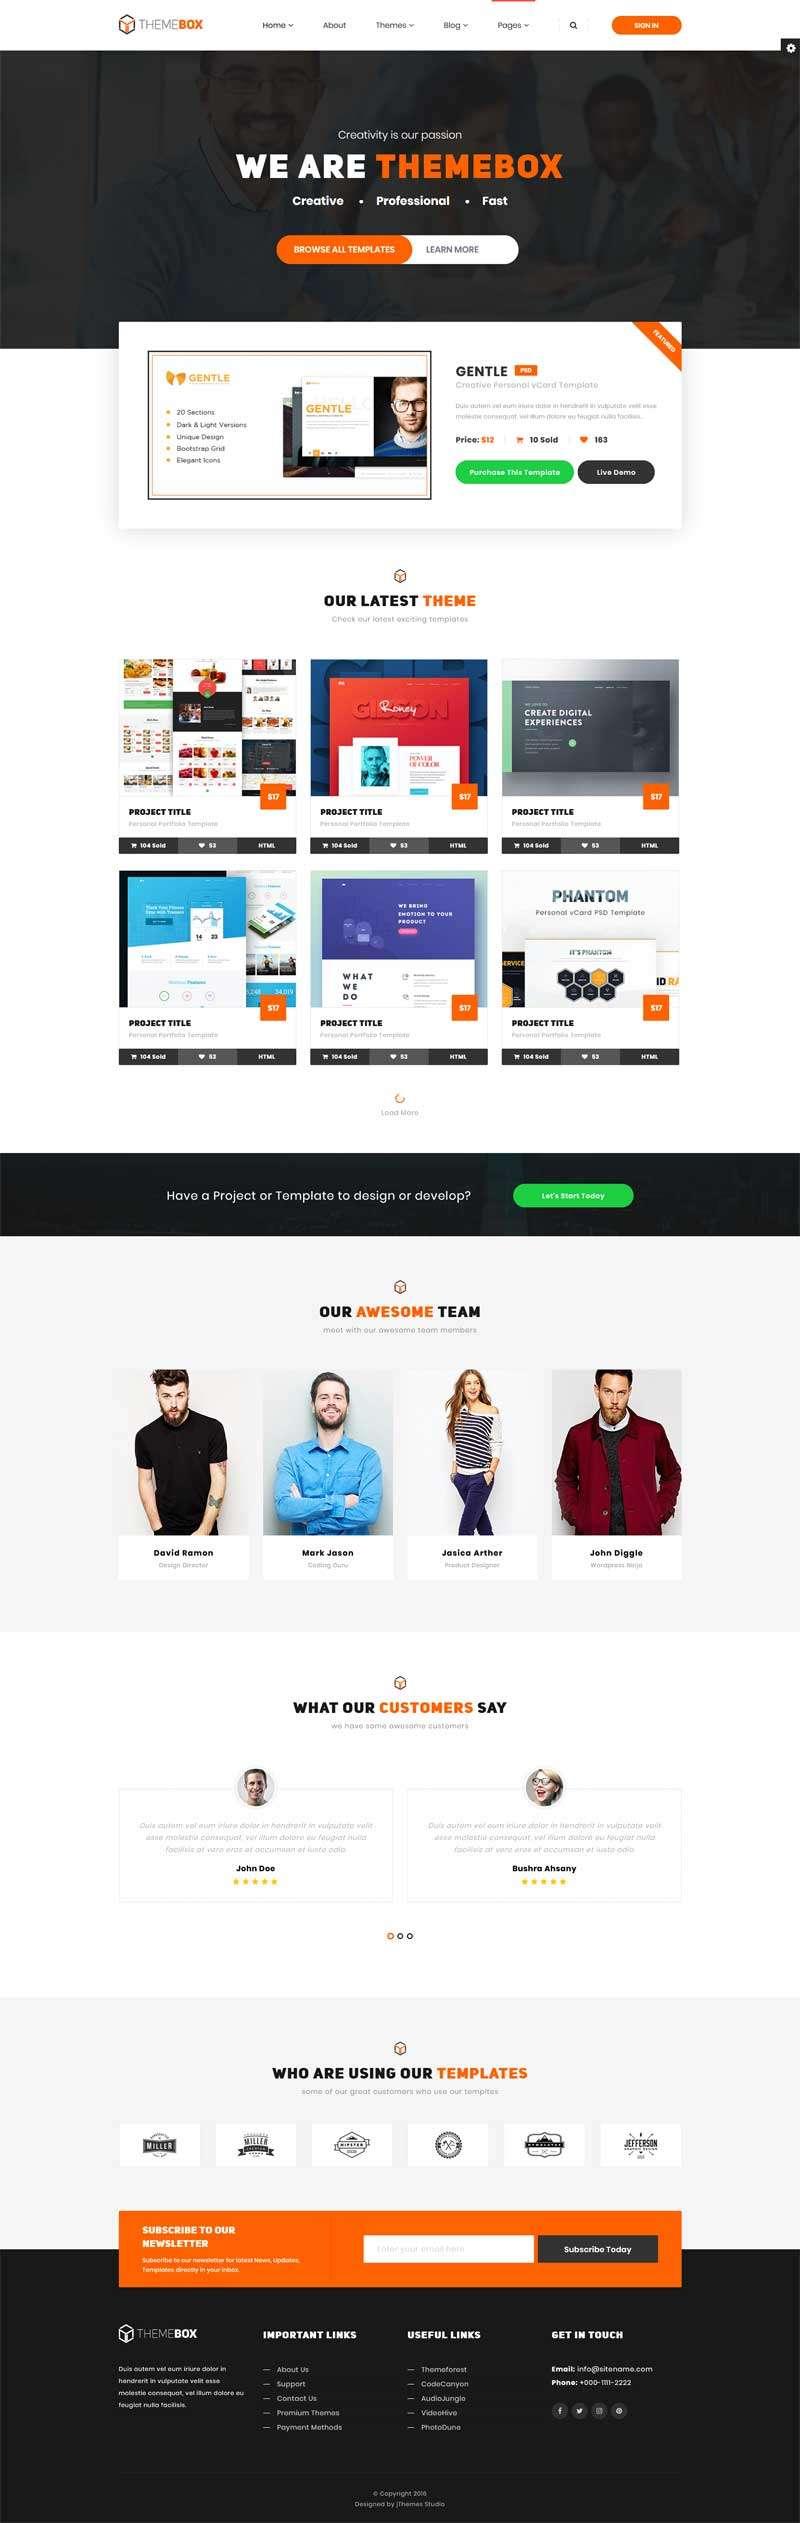 橙色的图片设计素材交易平台网站模板